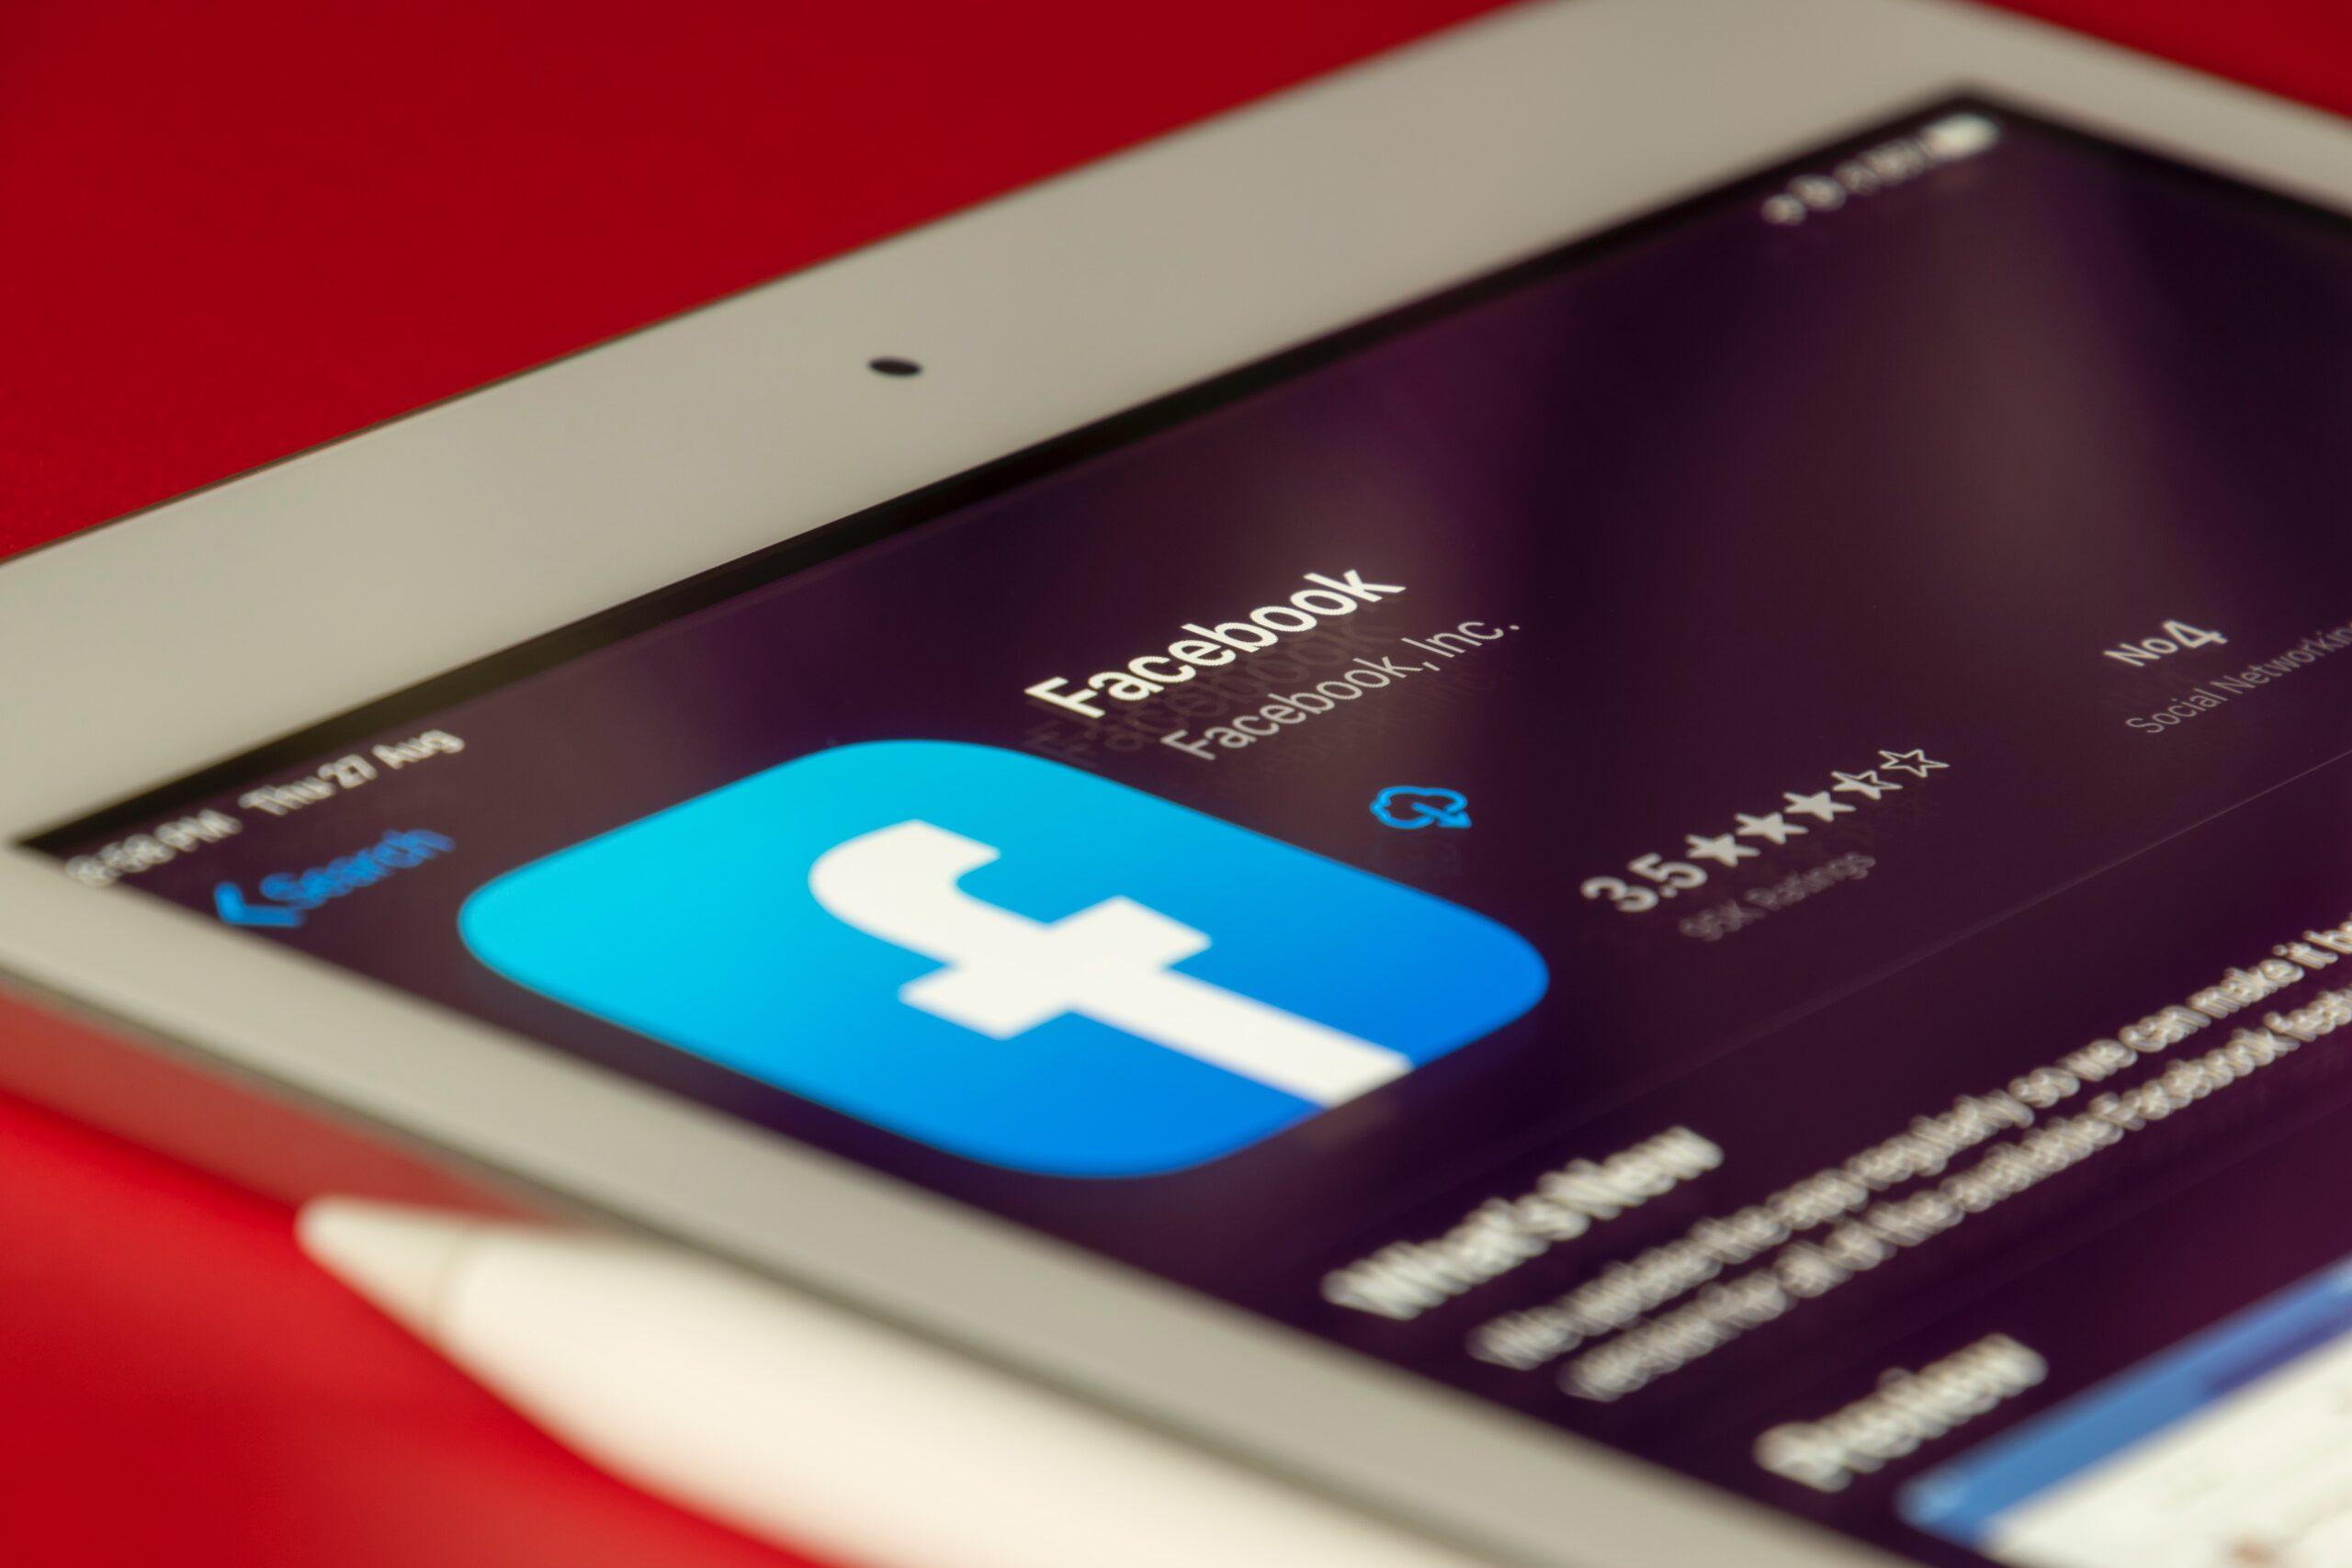 souvik banerjee Zb iMVy8icc unsplash scaled - Media. Le dichiarazioni di Zuckerberg a favore dei piccoli creator gettano ombre sui rapporti con Spotify